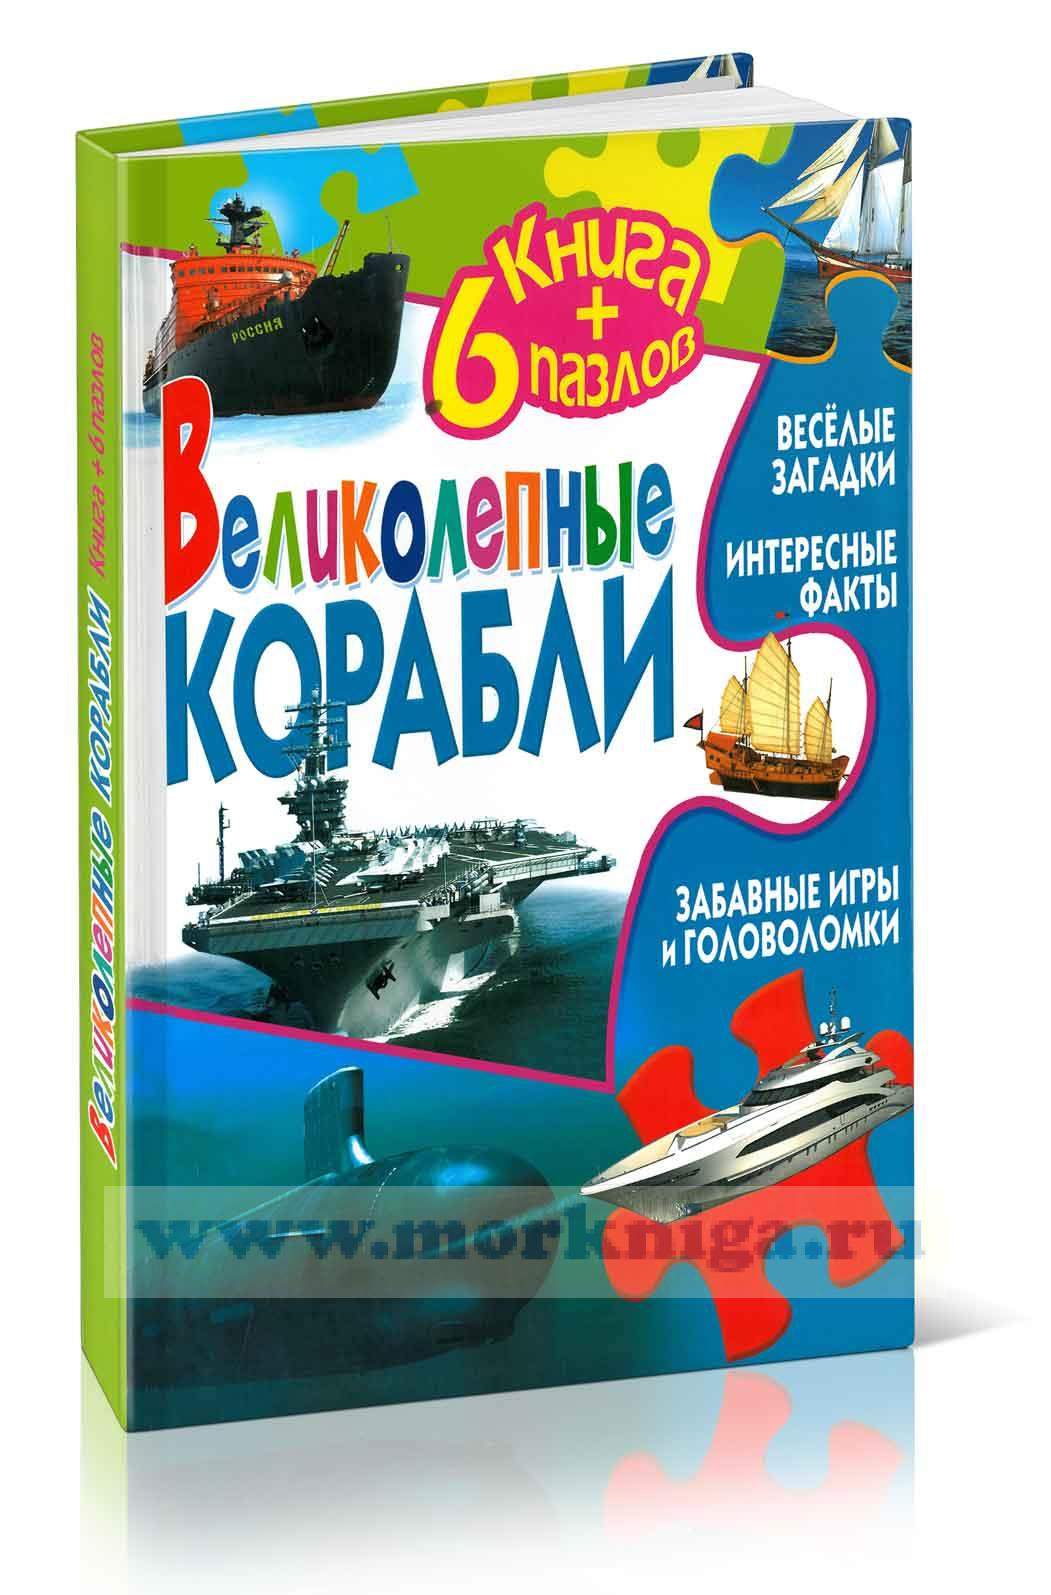 Великолепные корабли. Книга + 6 пазлов